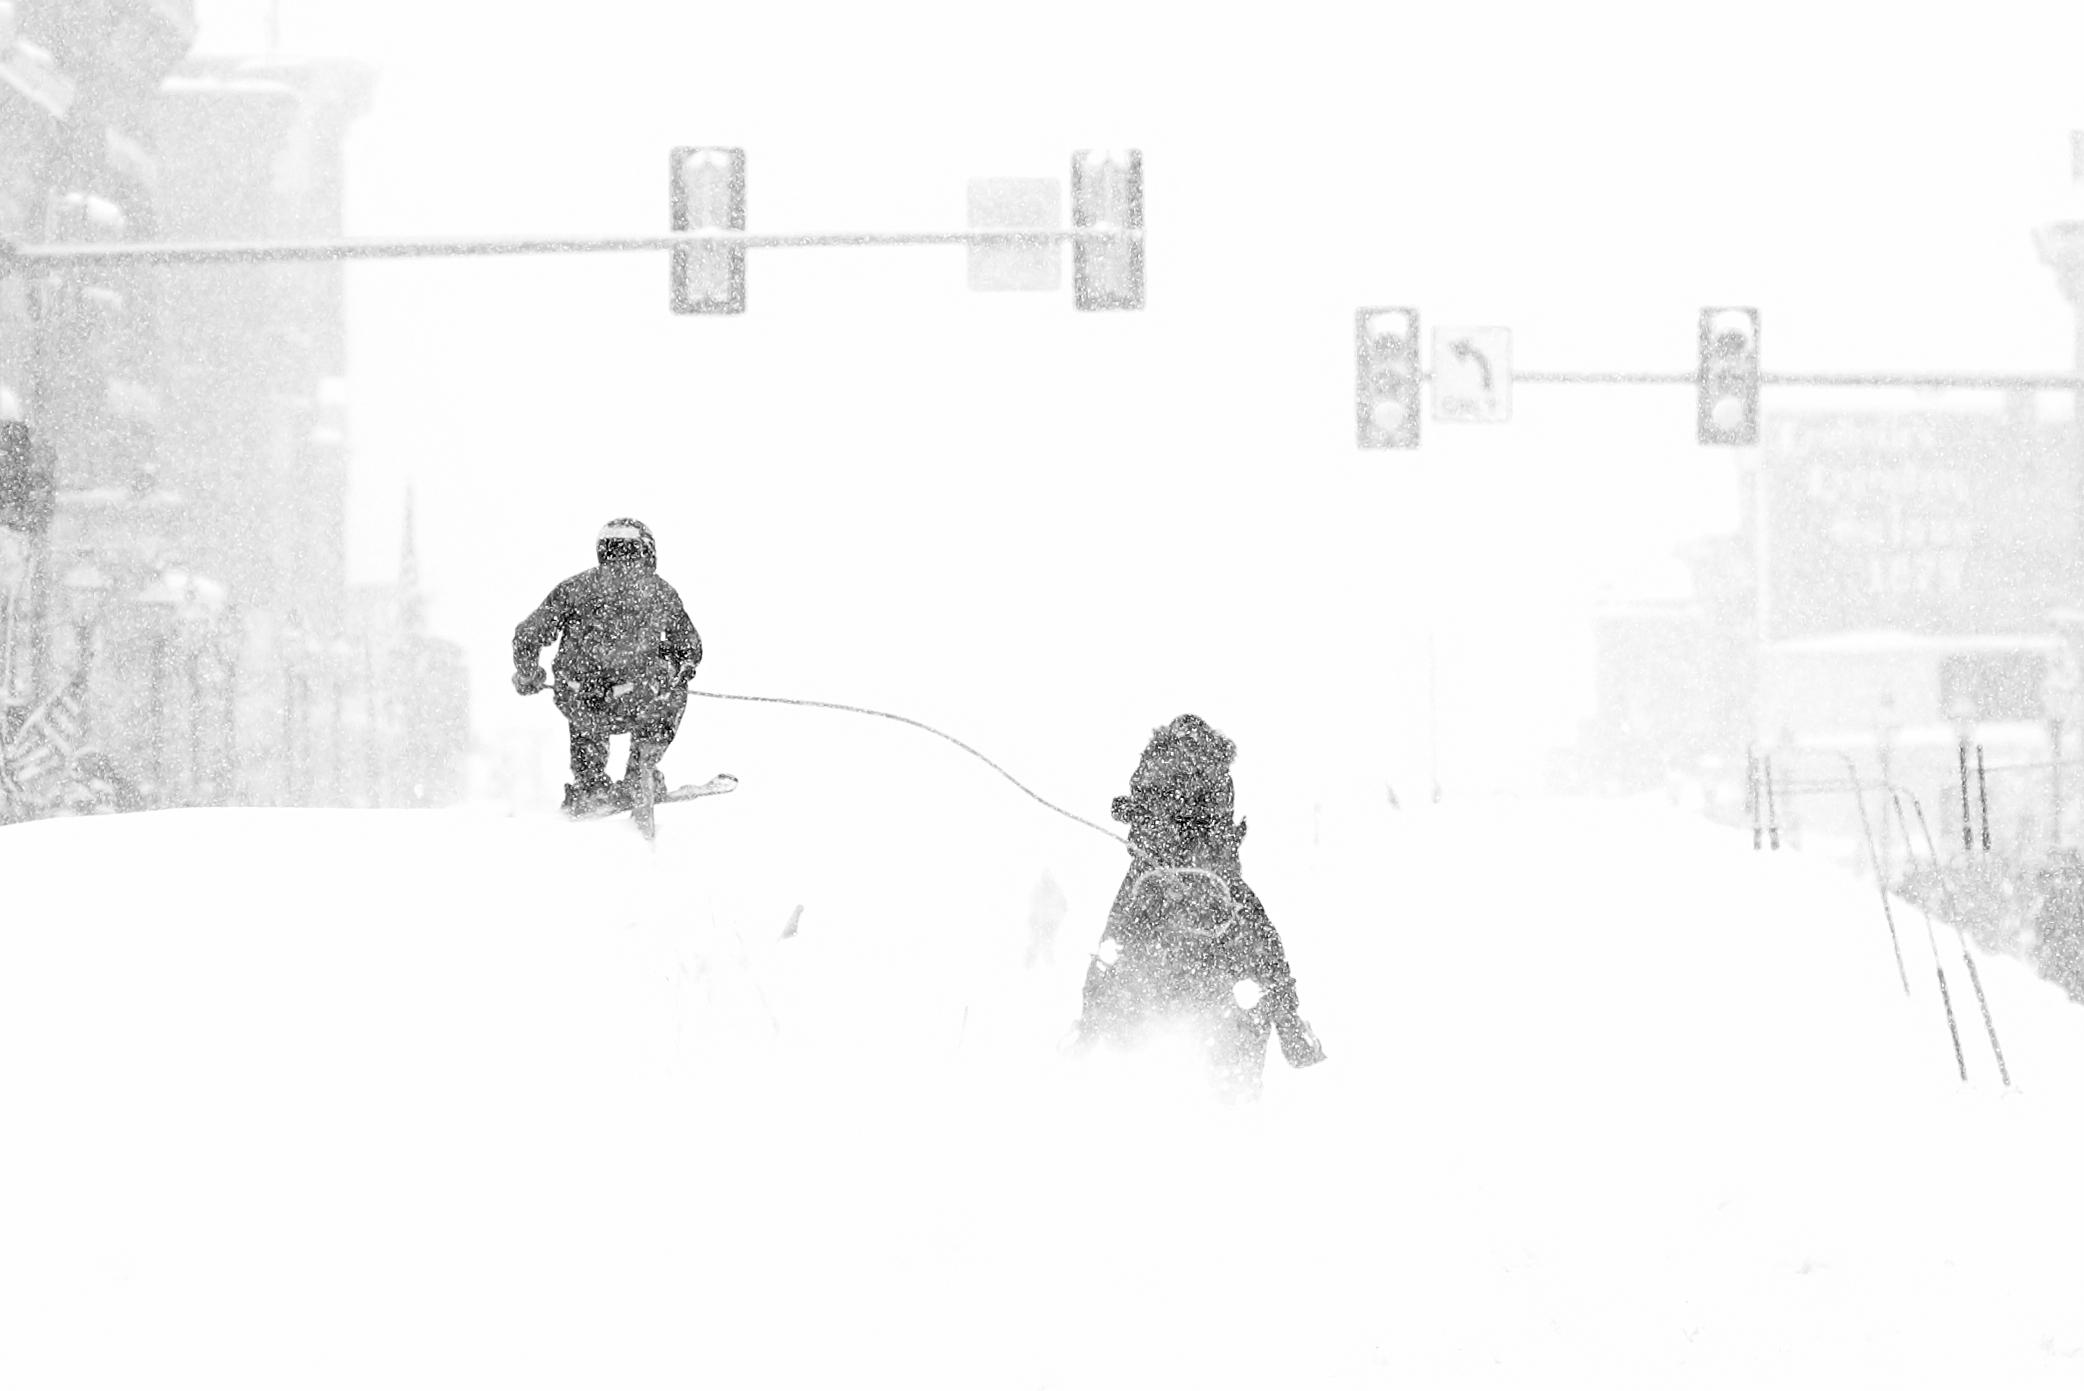 2019_SkiJouring_ 769.jpg